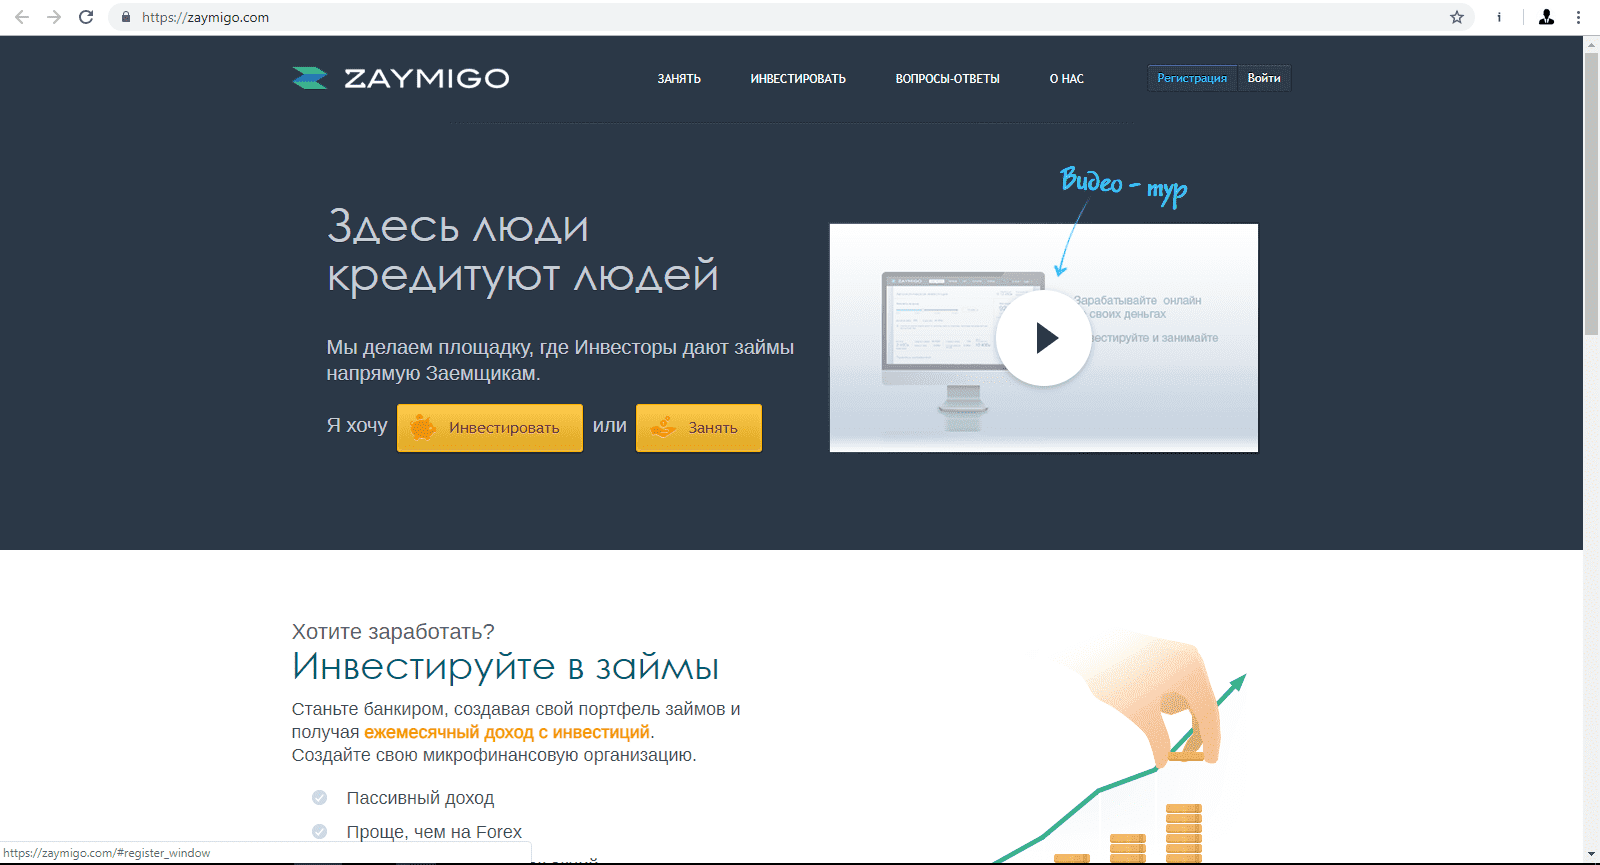 zaymigo ru вход в личный как проверить кредитную организацию